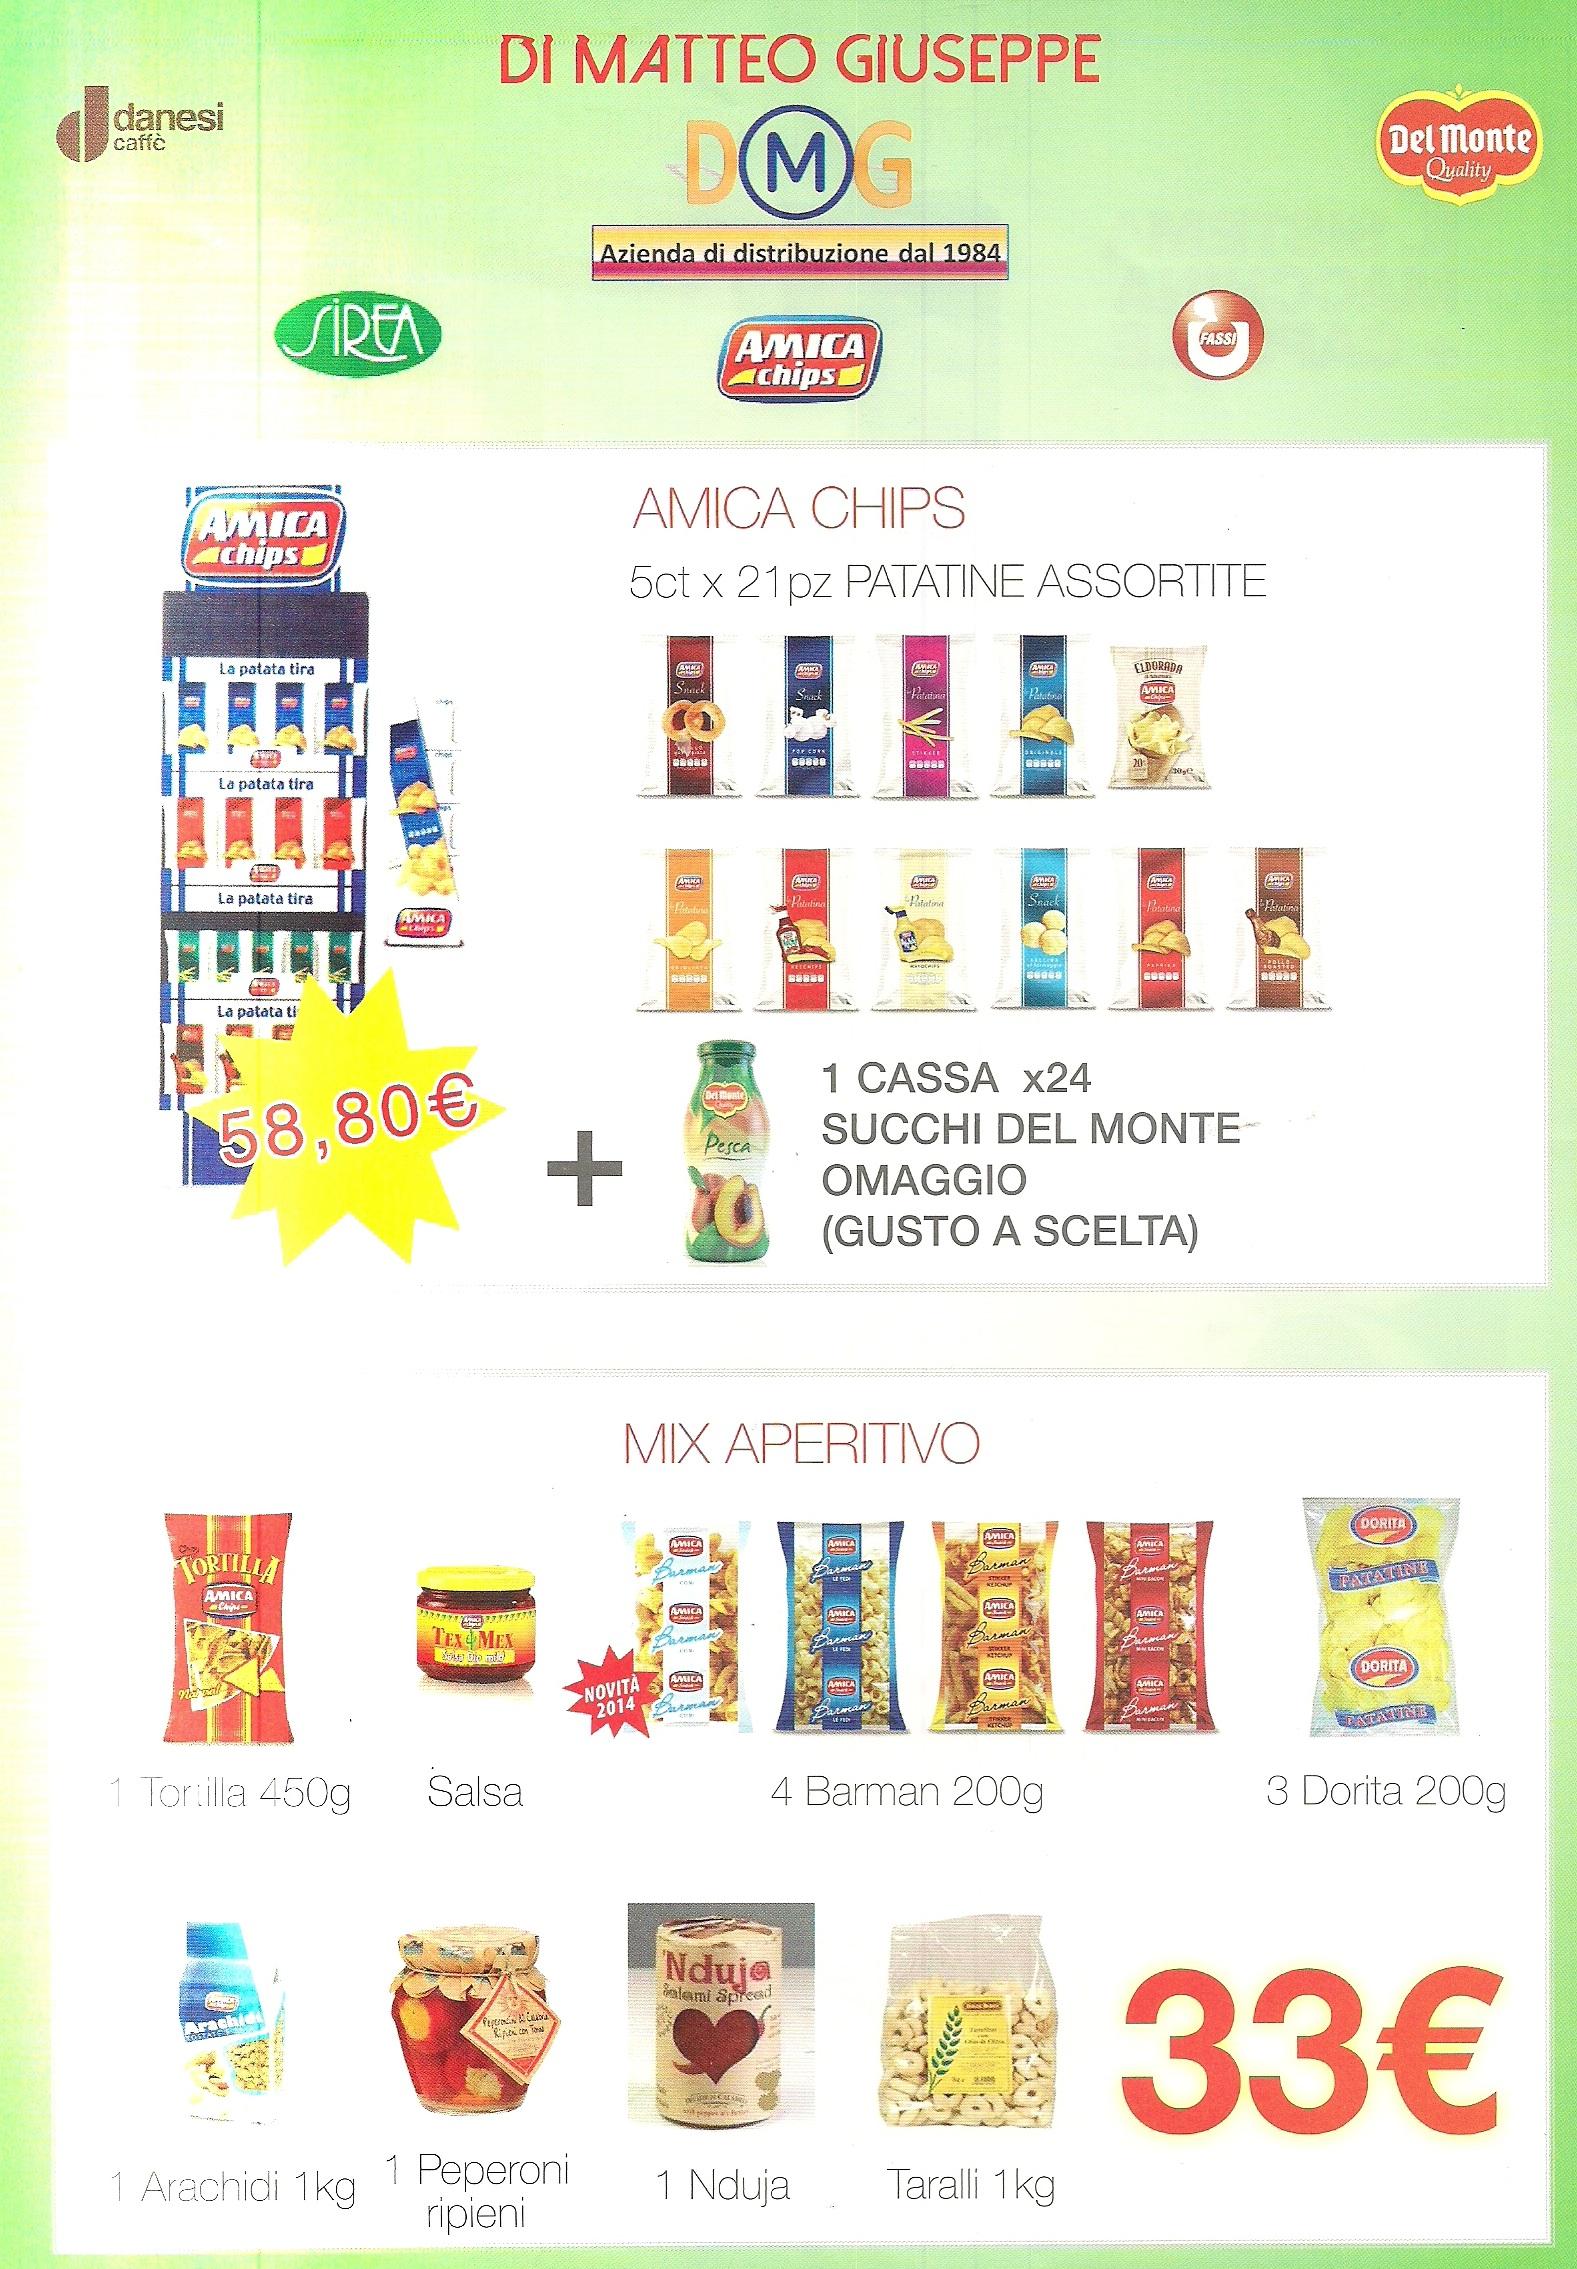 Distribuzione pubblicitaria Chieti - Di Matteo Giuseppe